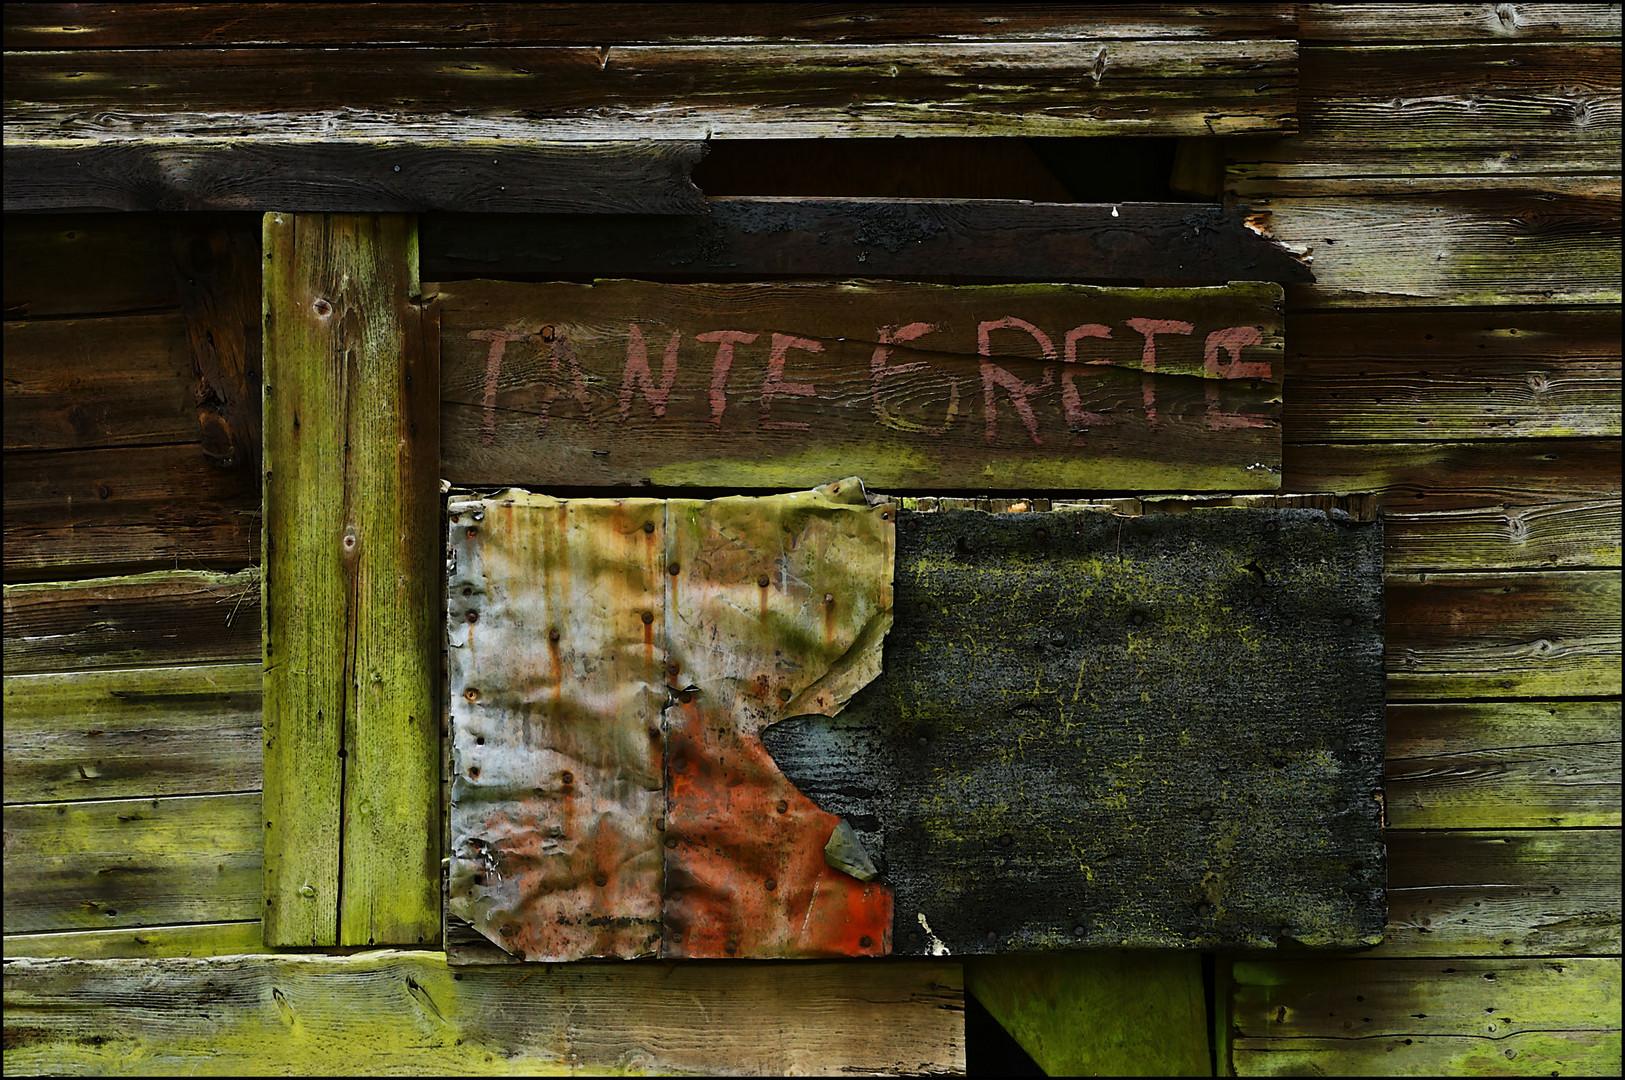 Tante Grete #1 ...